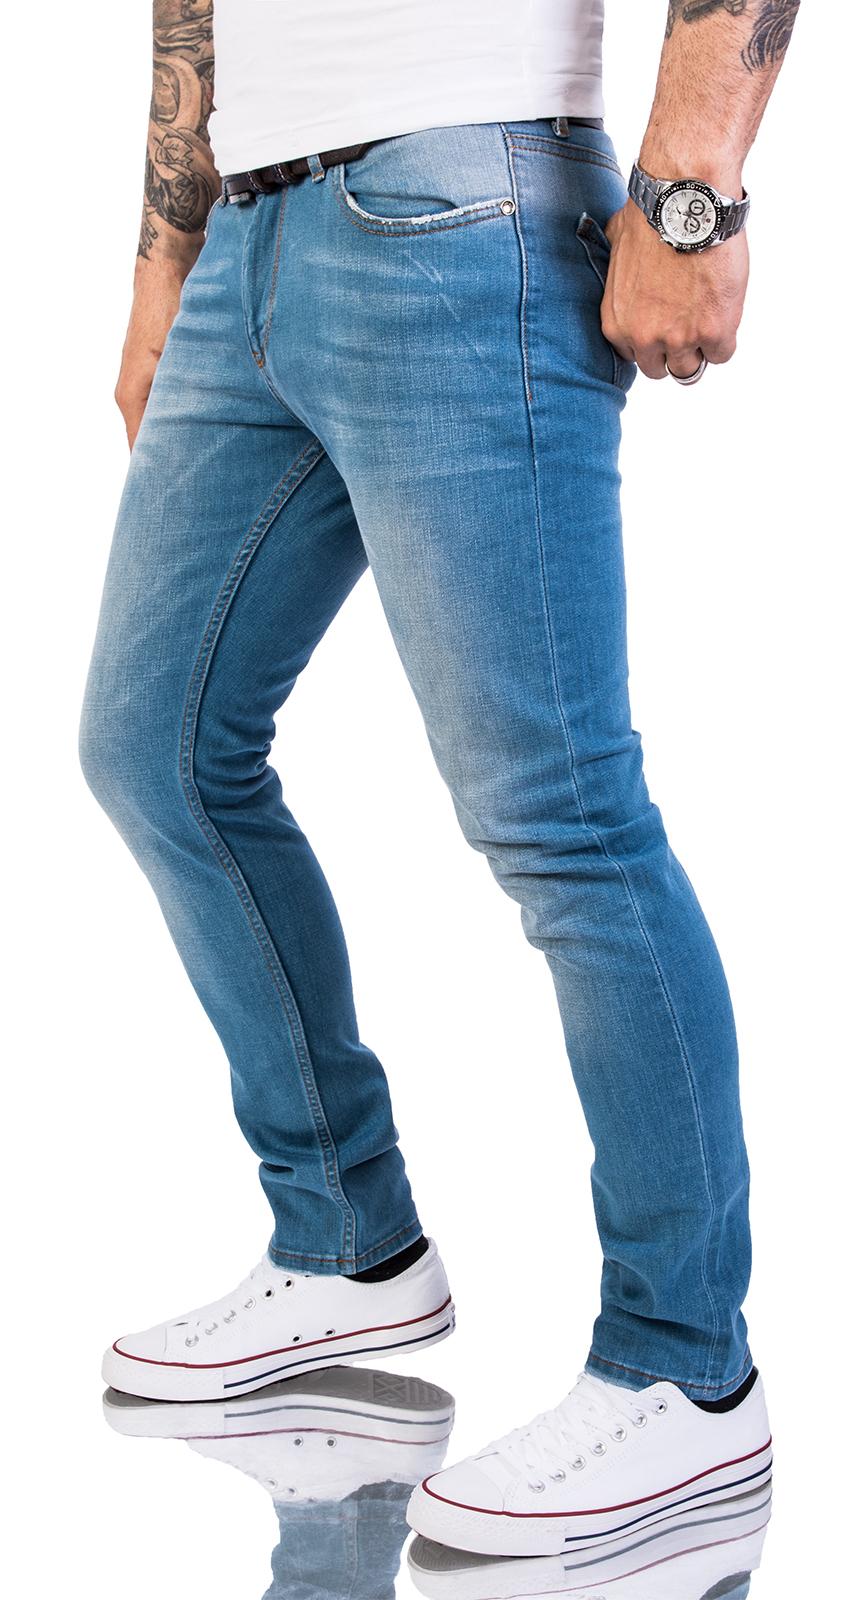 85706beda8bf4 Details about Rock Creek Designer Herren Jeans Hose Regular Slim Stretch  Jeans M46 W29-W40